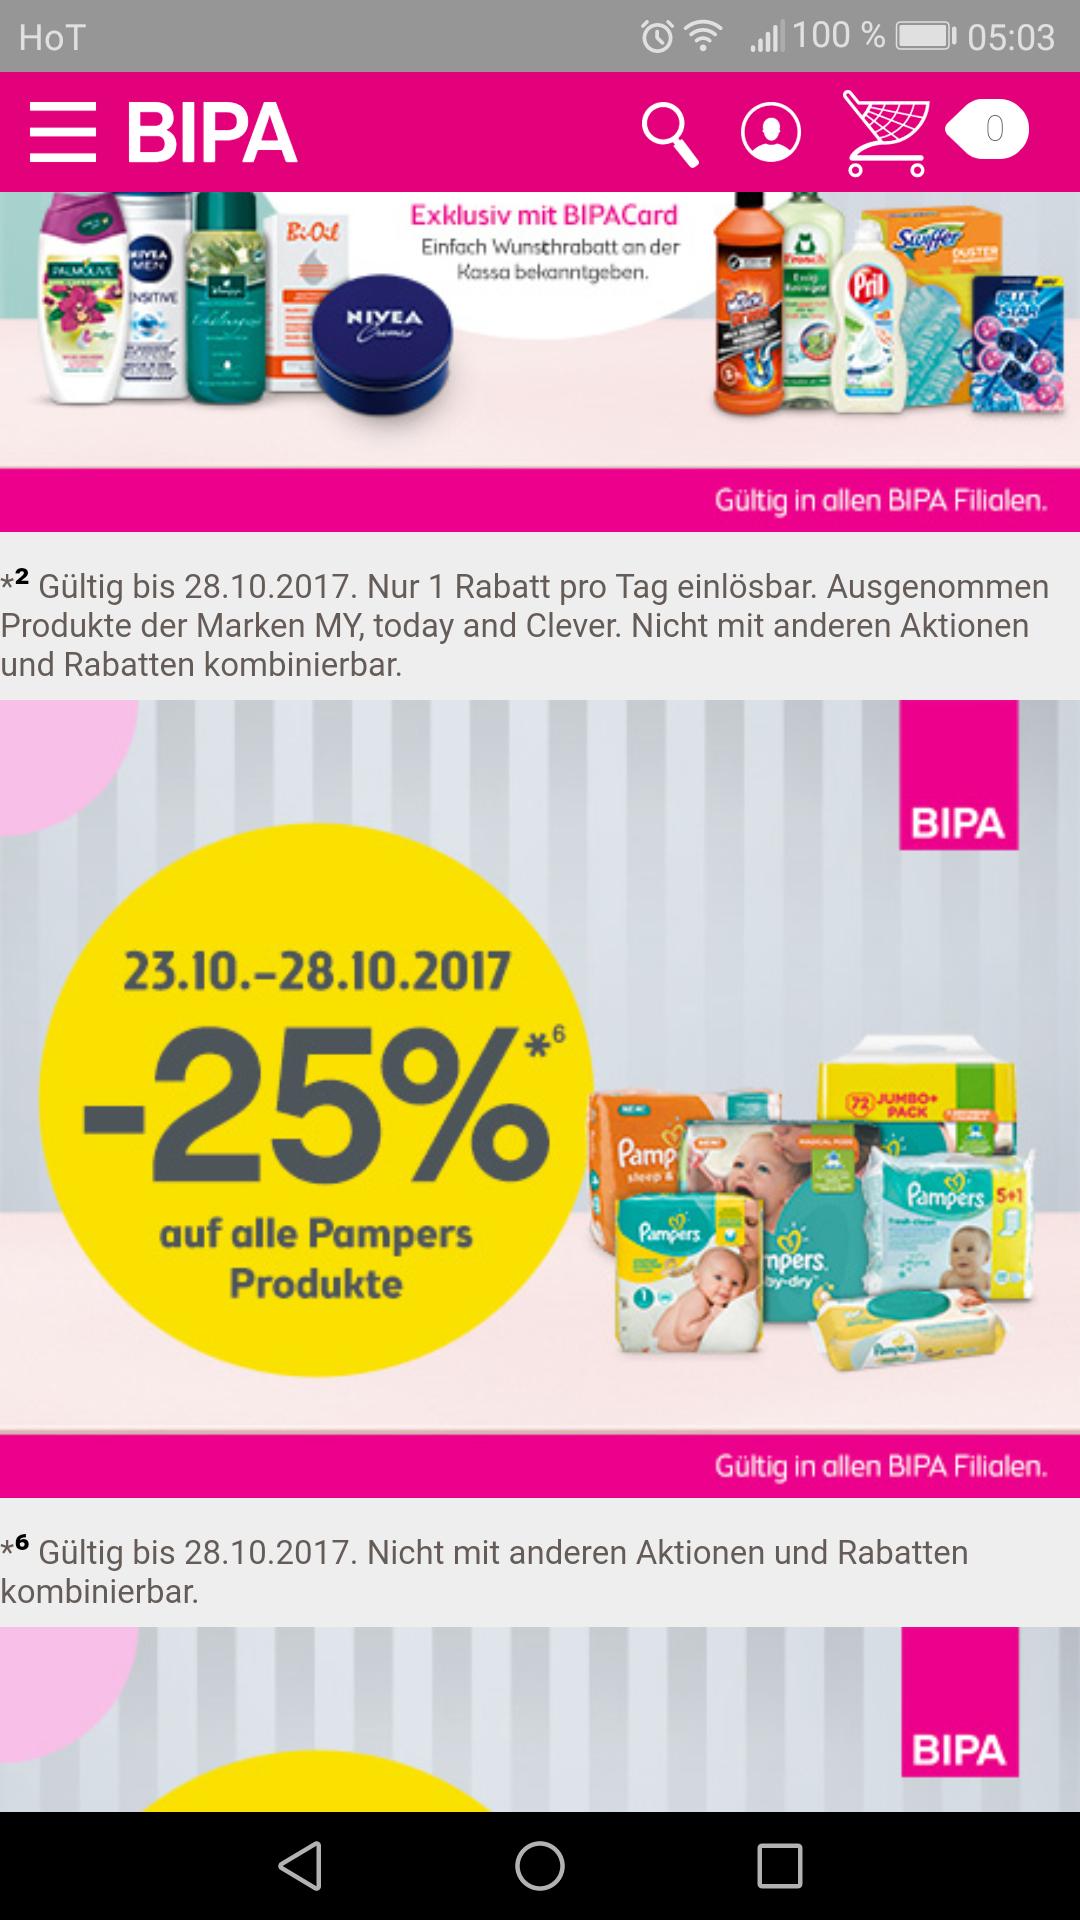 Bipa - 25% auf alle Pampersprodukte in den Filialen